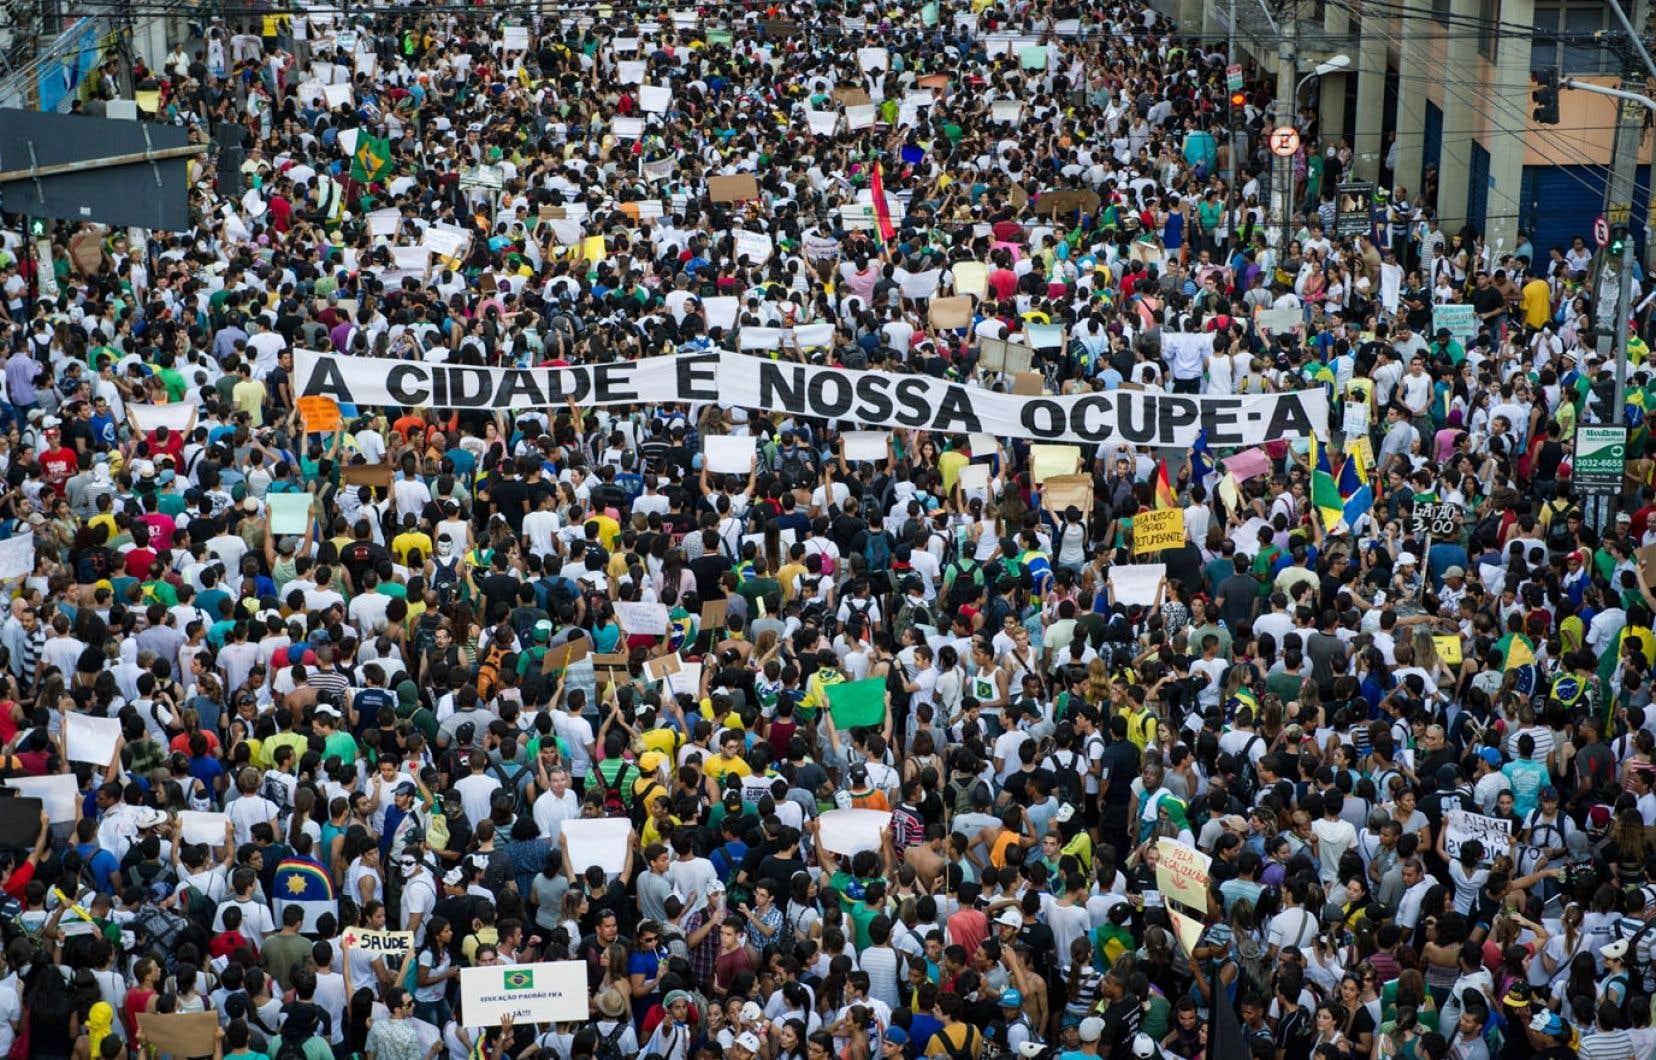 <div> Les manifestations (ici dans la ville de Recife) surviennent au moment où le pays accueille le tournoi de soccer de la Coupe des confédérations.</div>